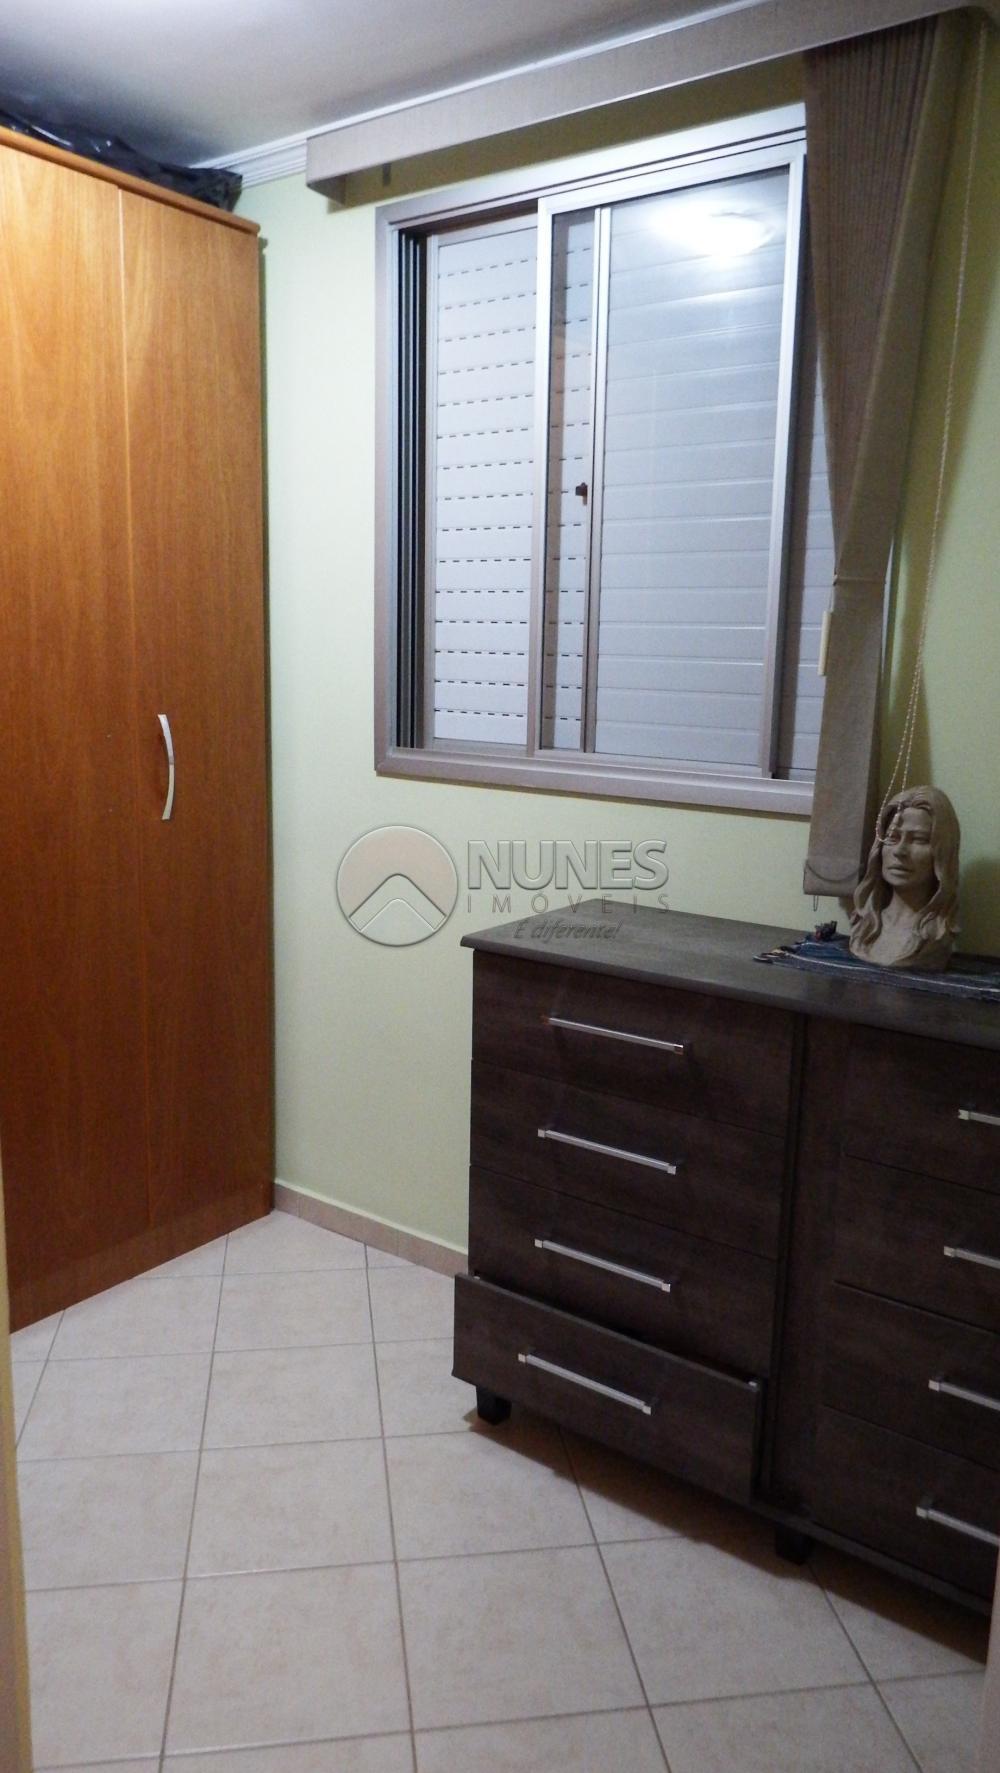 Comprar Apartamento / Padrão em Osasco apenas R$ 310.000,00 - Foto 7